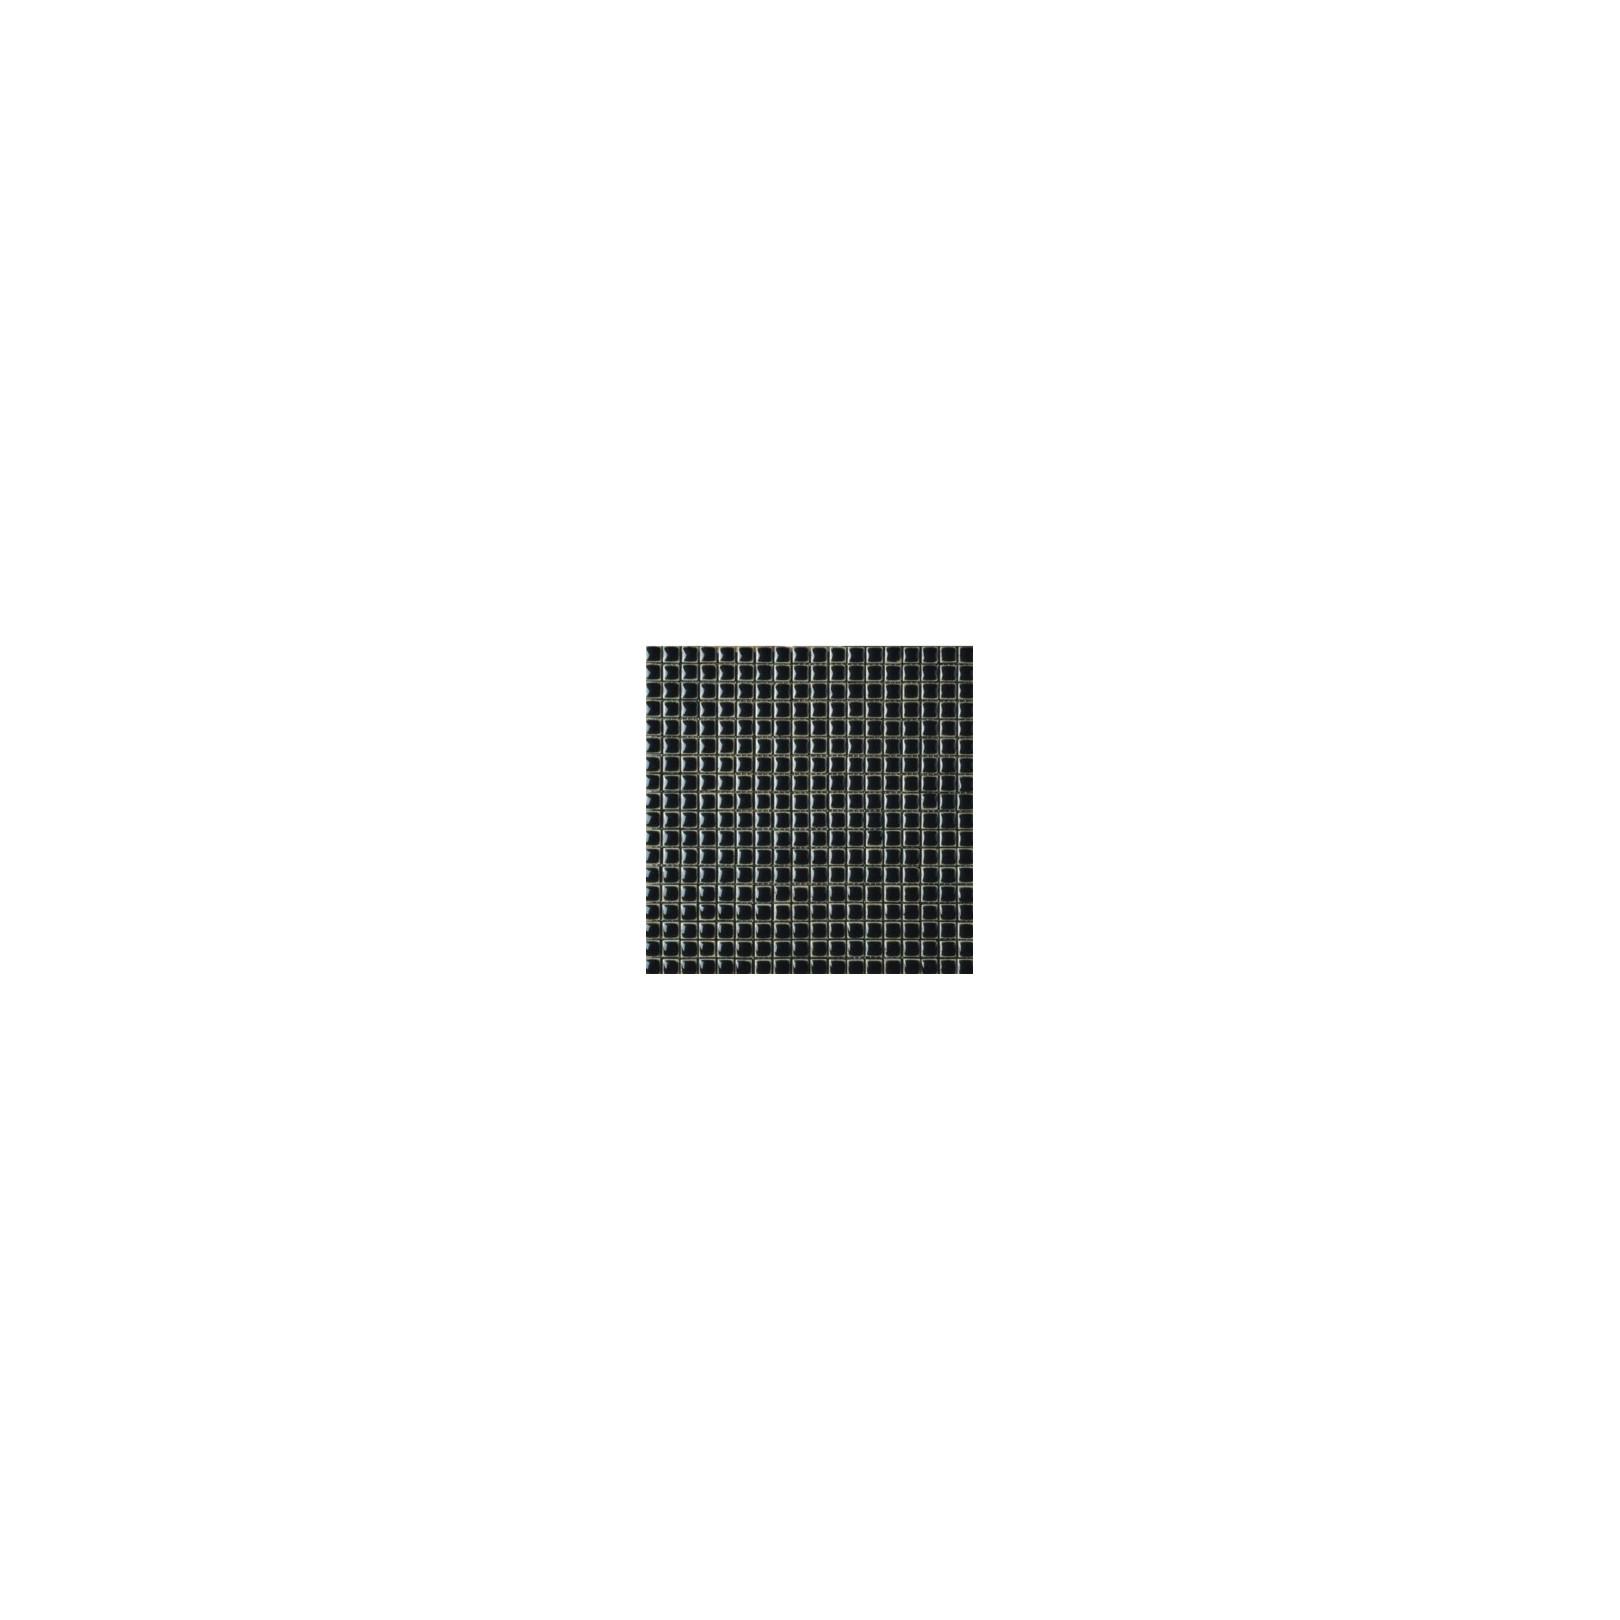 Mosaïque lave émaillée Nero, 1,5x1,5cm sur trame 29,6x29,6cm